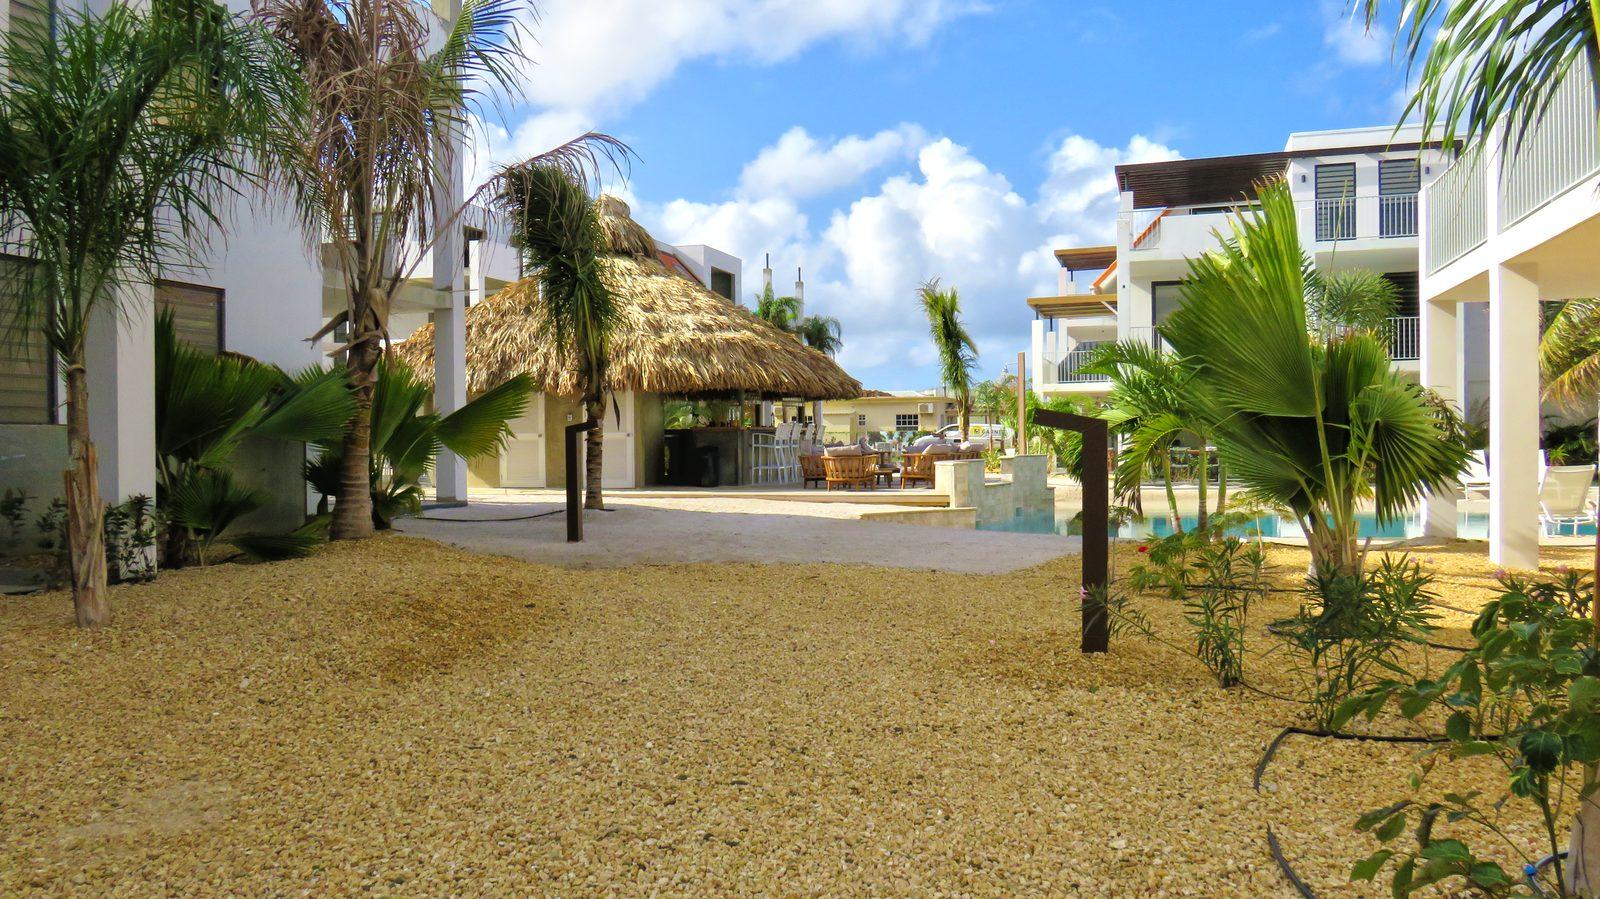 Resort Bonaire est l'un des meilleurs lieux pour séjourner à Bonaire. C'est un établissement parfait pour les couples et les familles qui veulent se détendre et passer un bon moment.